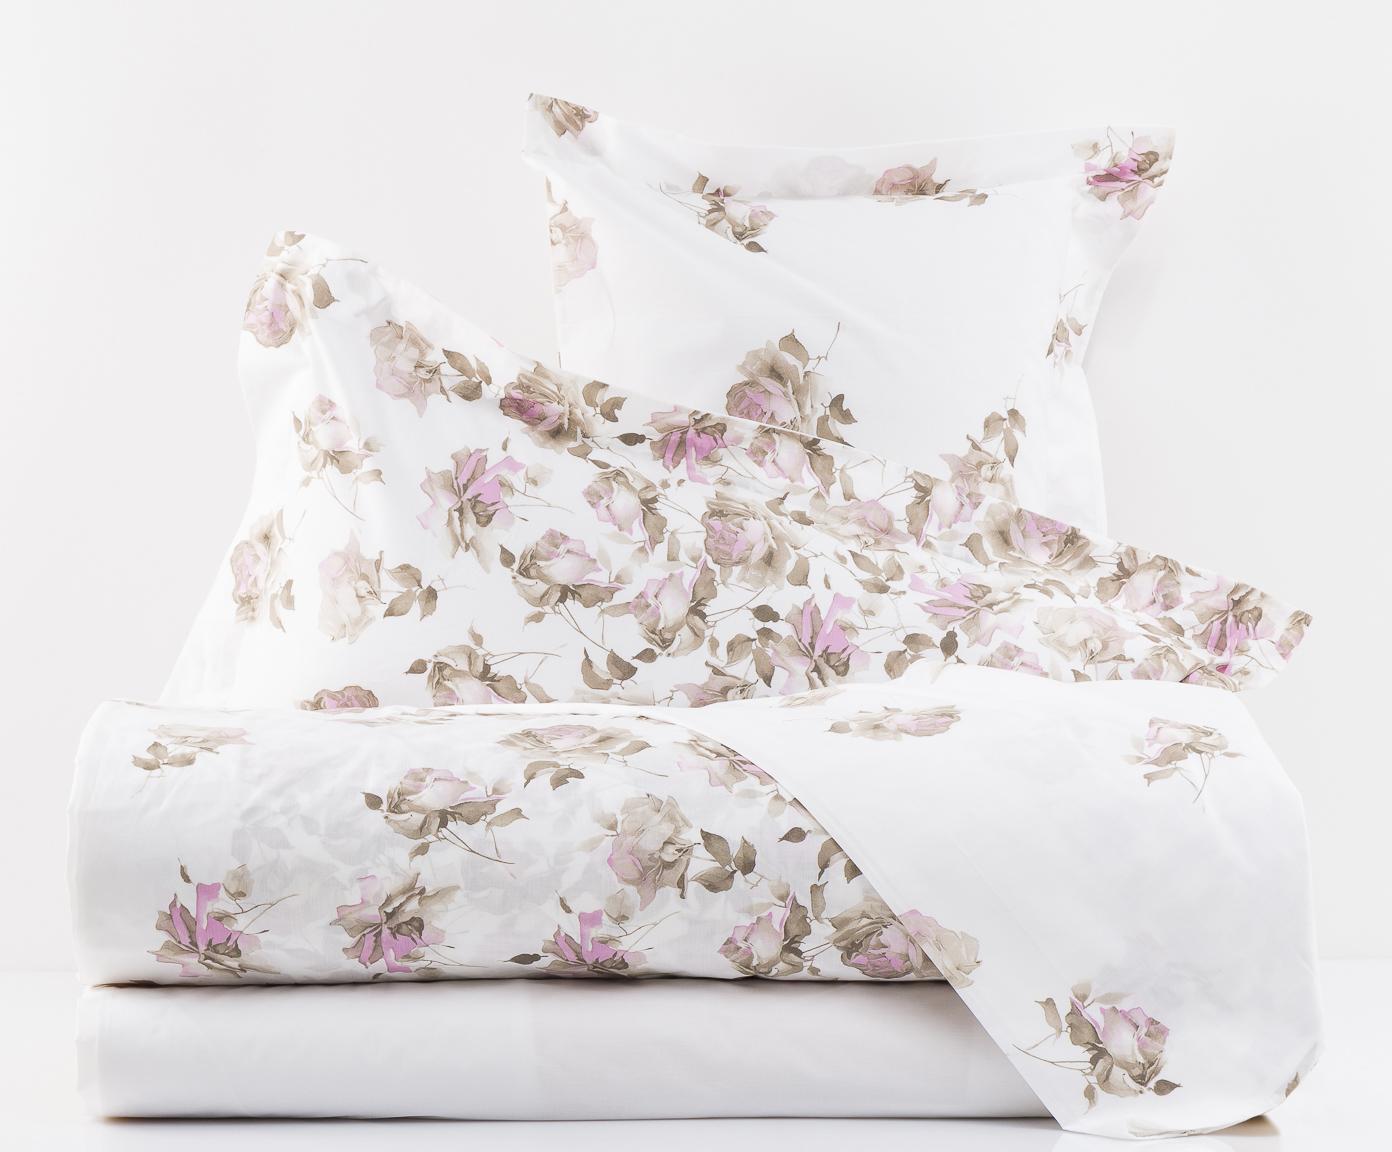 Постельное Постельное белье 1.5 спальное Mirabello Ombre di Rose розовое postelnoe-belie-2-spalnoe-evro-maksi-mirabello-ombre-di-rose-rozovoe-italiya.jpg